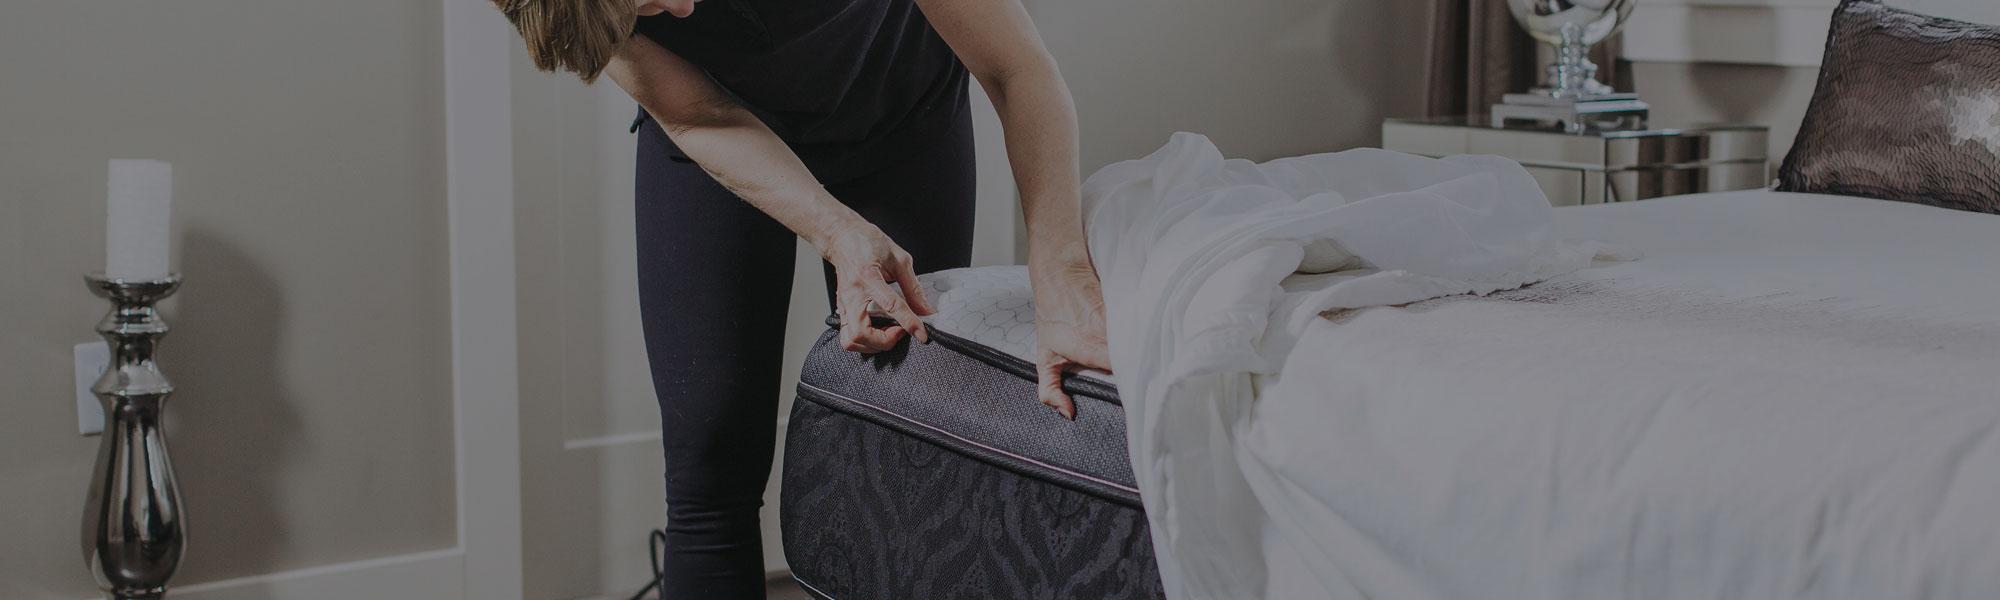 BBD team member inspecting a mattress